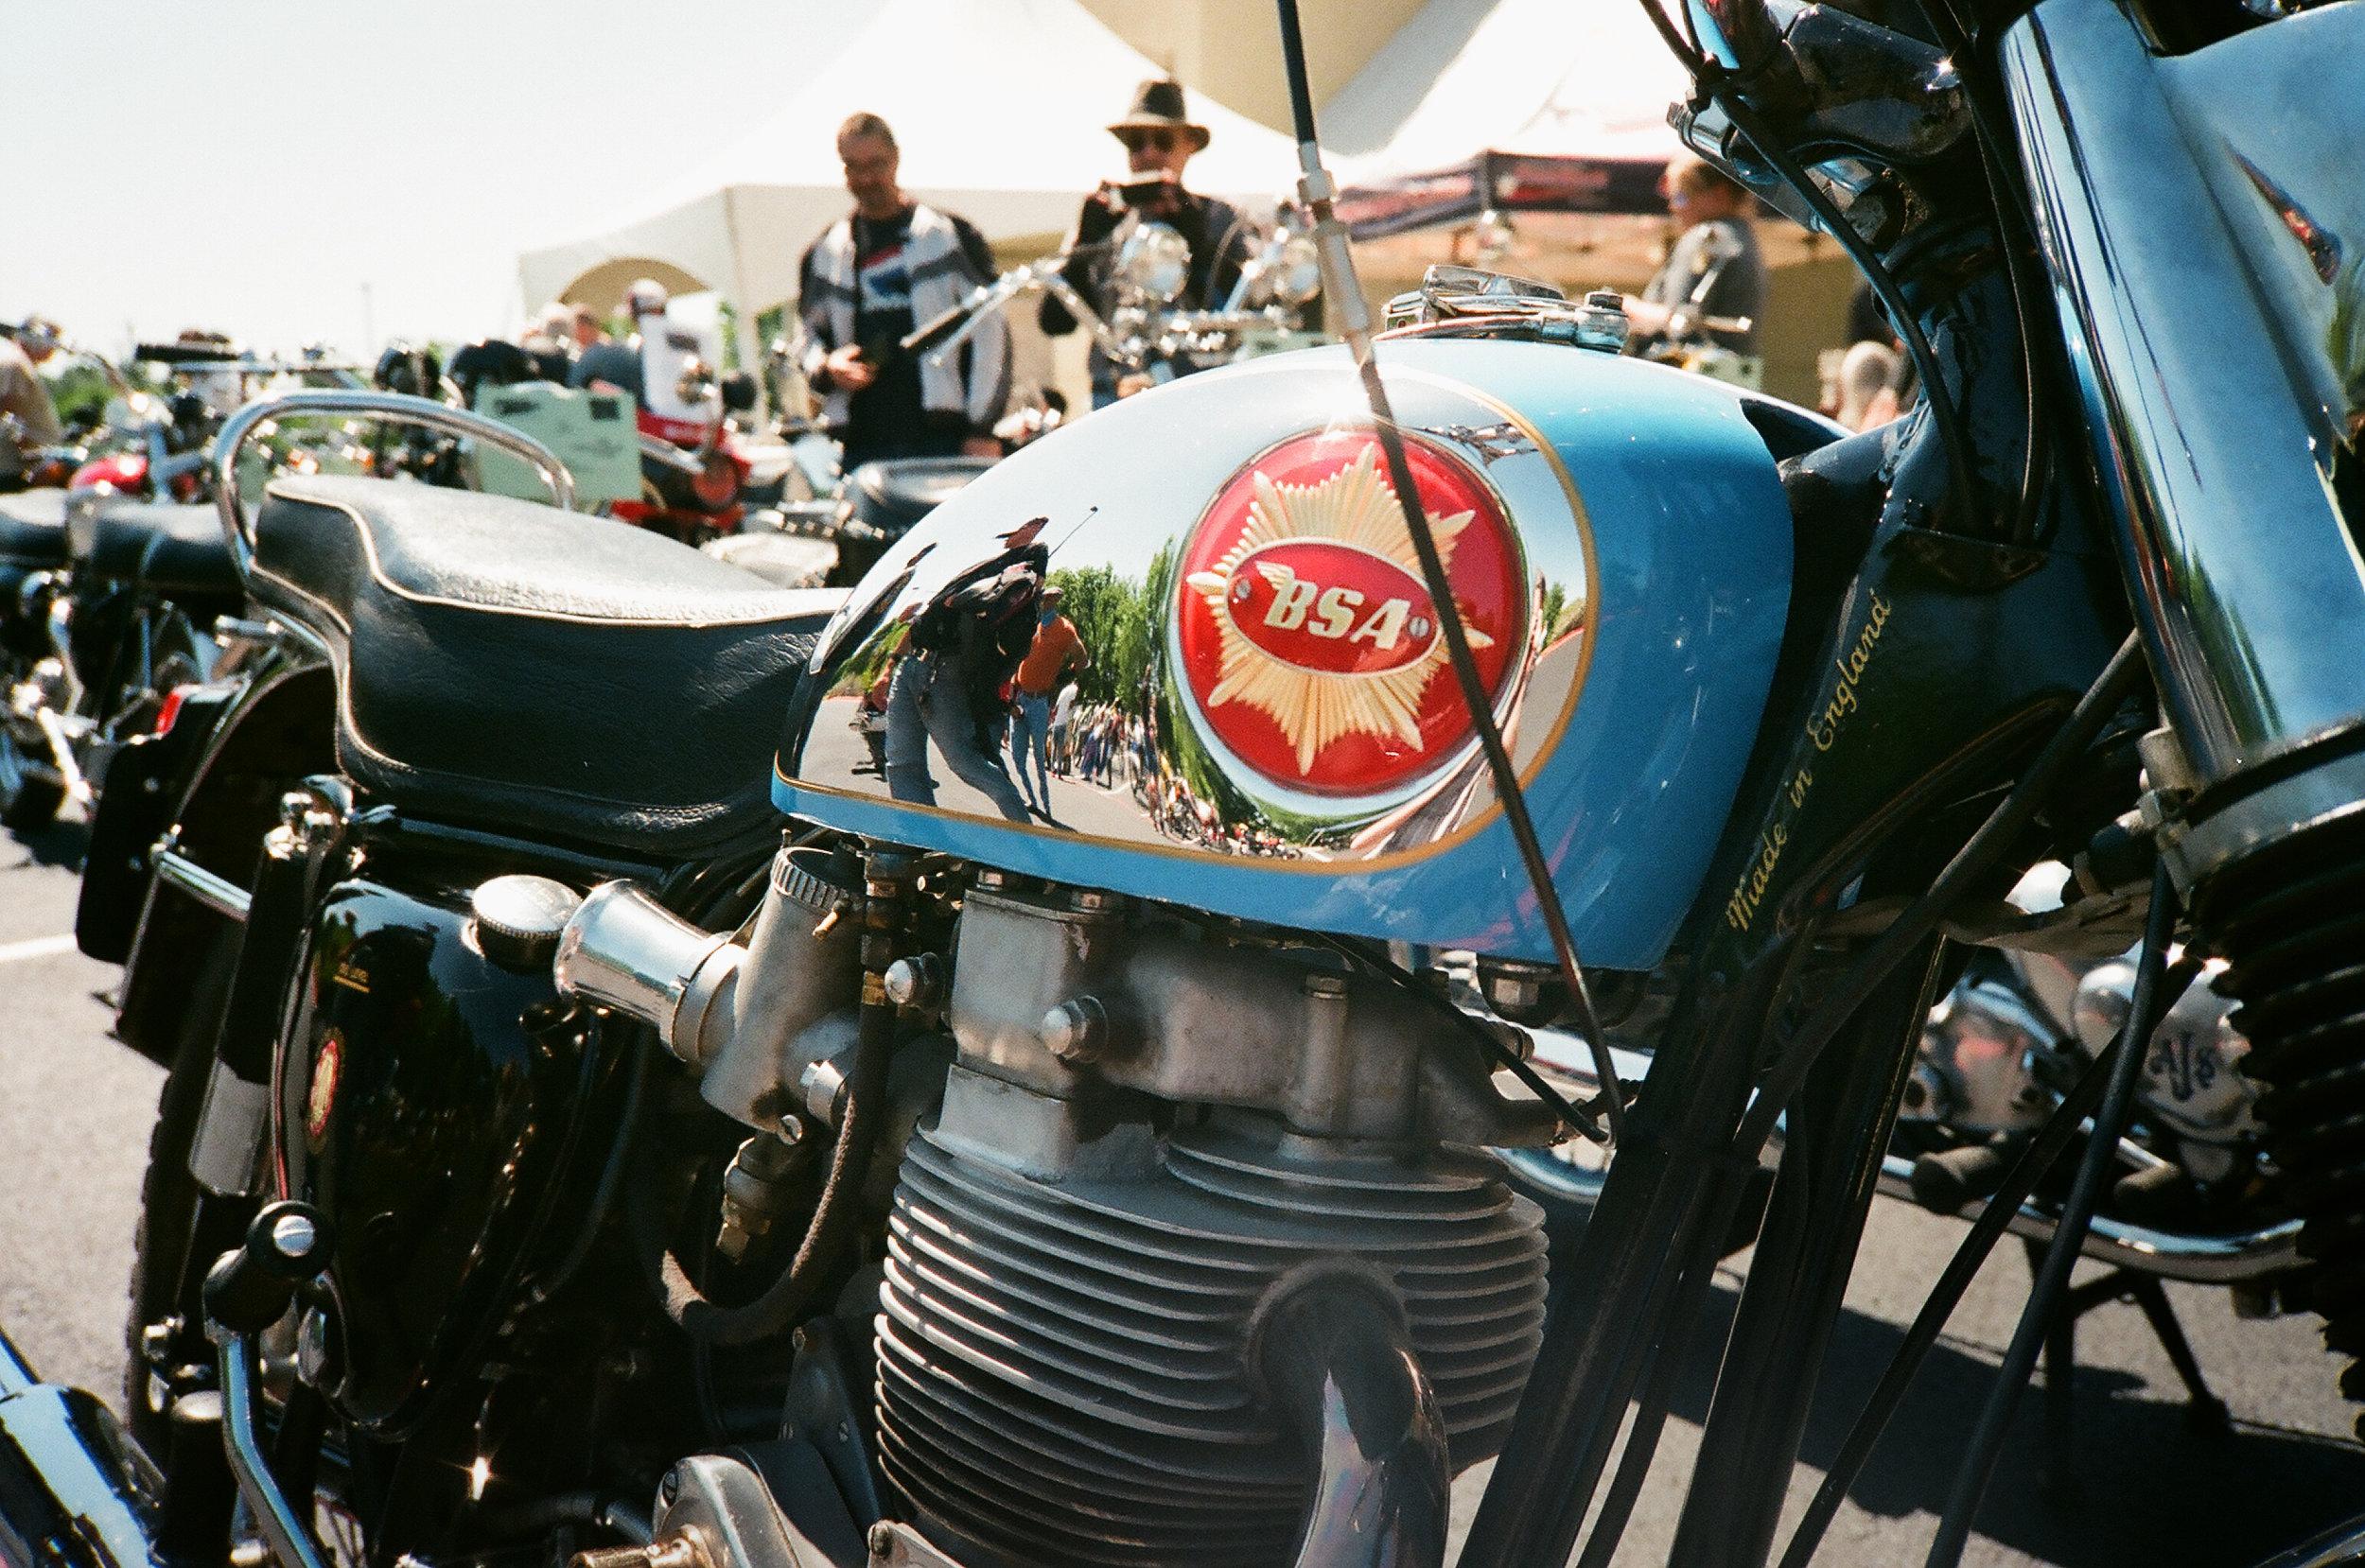 texas-motorcycle-revival-2017-58500021.jpg